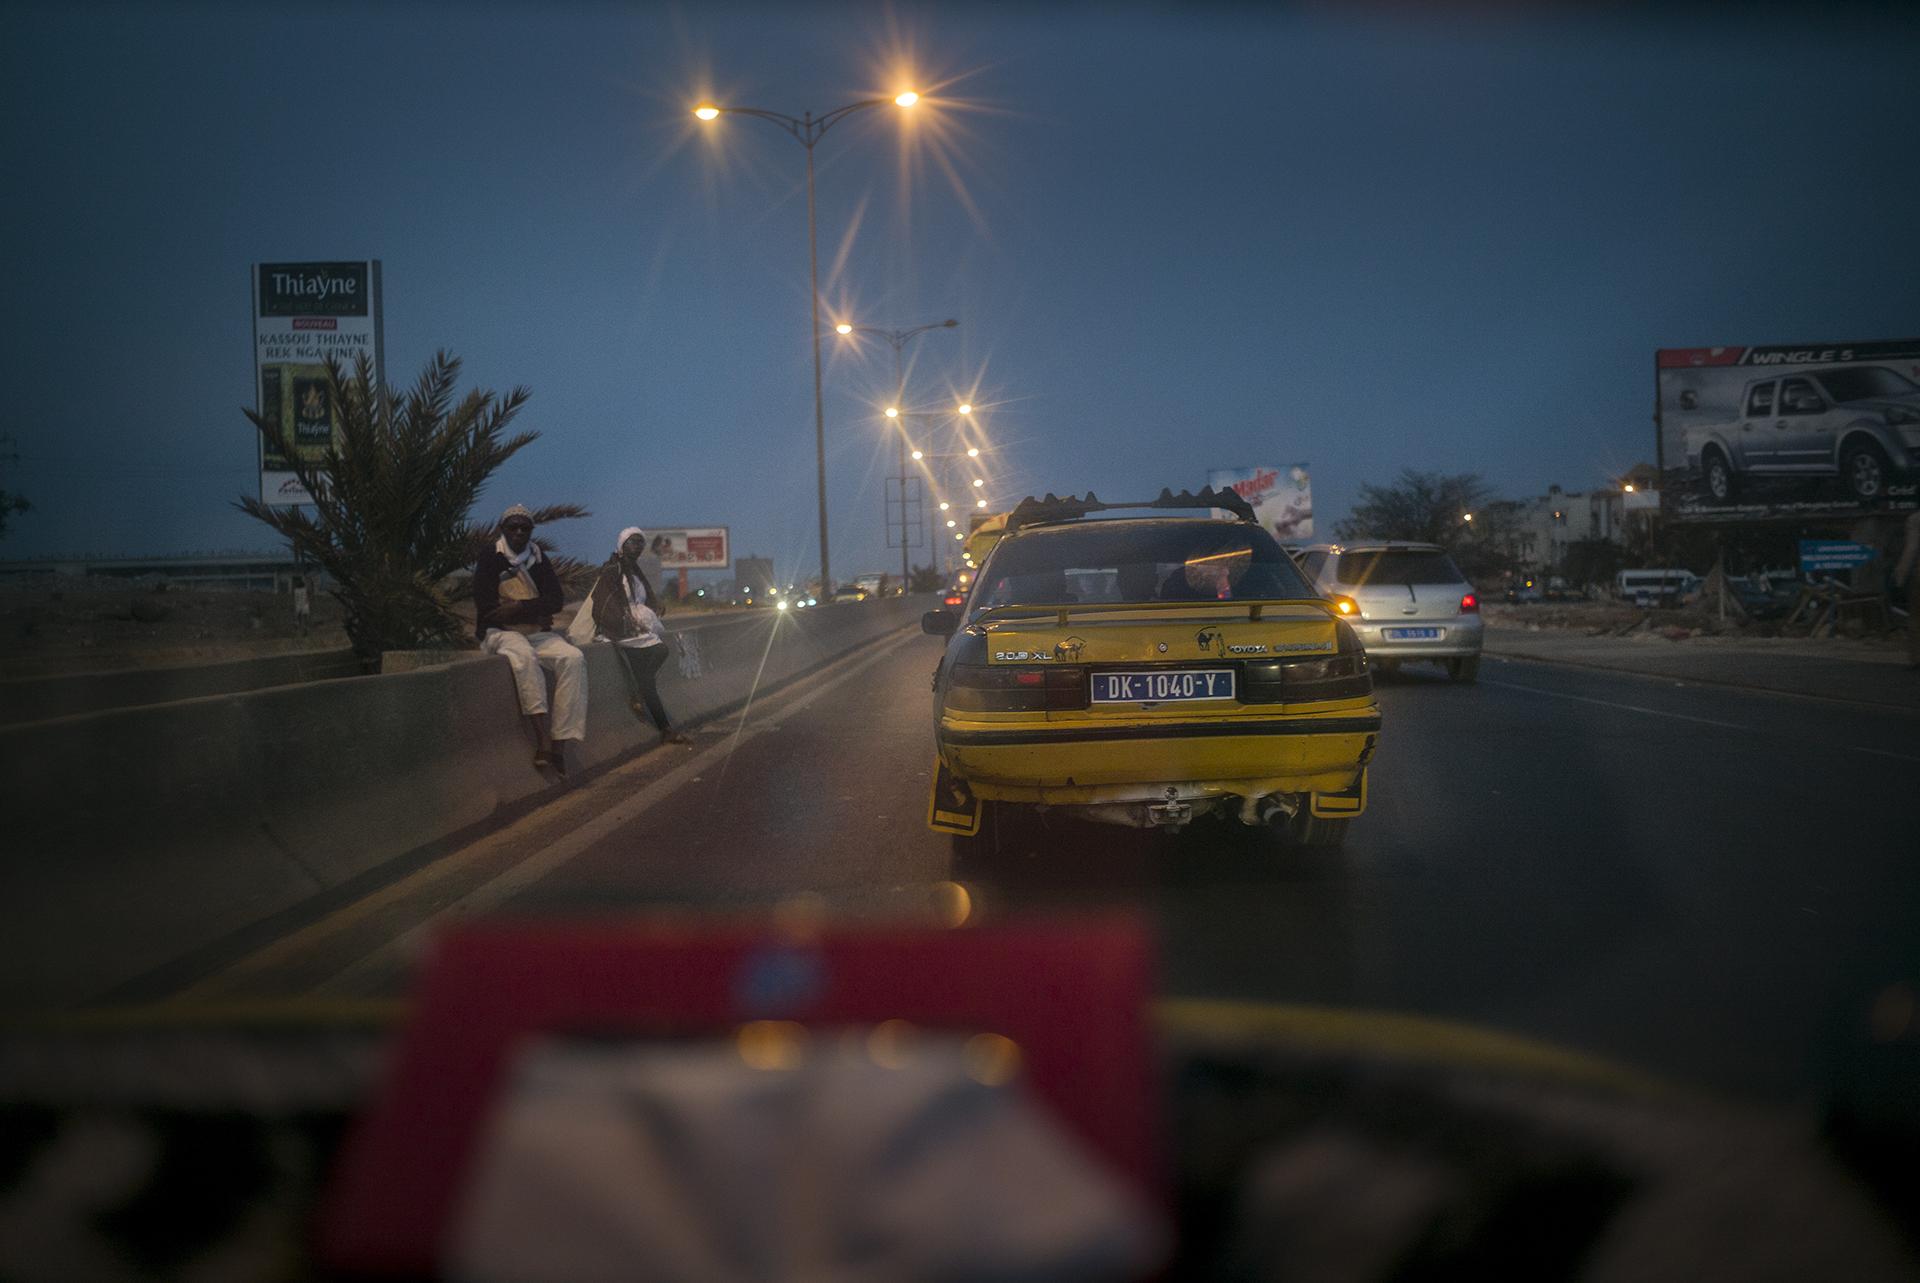 Circulation routière à Dakar, Sénégal. Mai 2017Le soir la circulation se fait à nouveau moins dense sur la VDN, axe majeur de la capitale. La VDN est une route pensée à l'heure de la colonisation pour déservir la métropole.